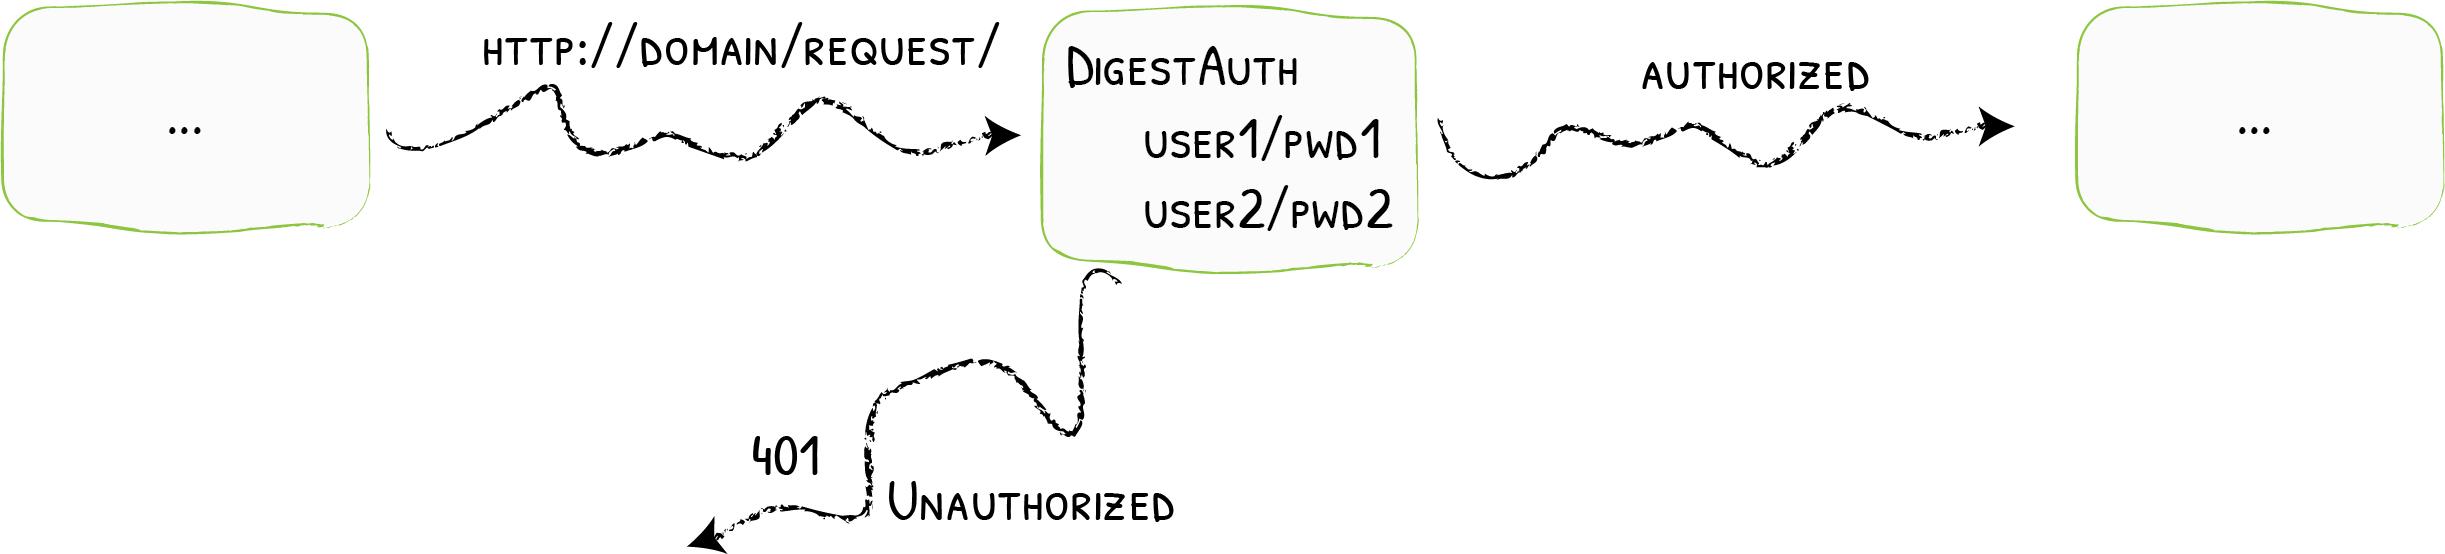 DigestAuth - Traefik